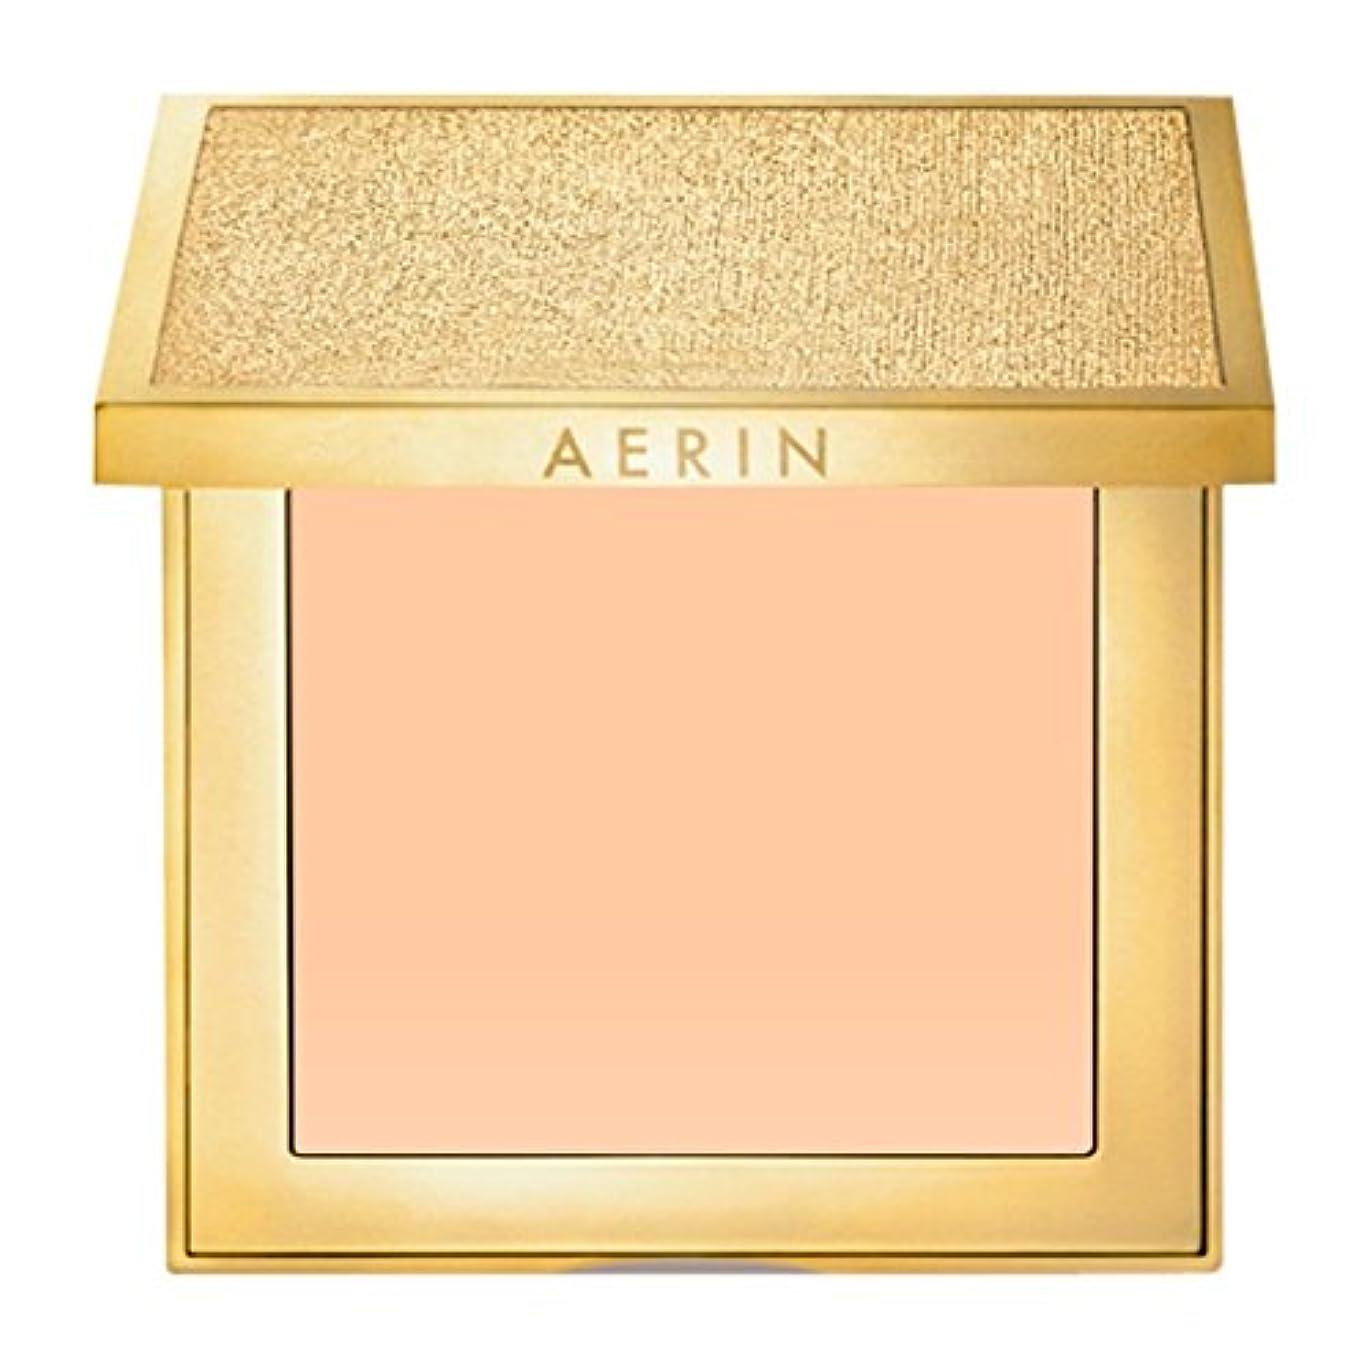 要求する歌う韓国語Aerin新鮮な肌コンパクトメイクアップレベル1 (AERIN) (x6) - AERIN Fresh Skin Compact Makeup Level 1 (Pack of 6) [並行輸入品]